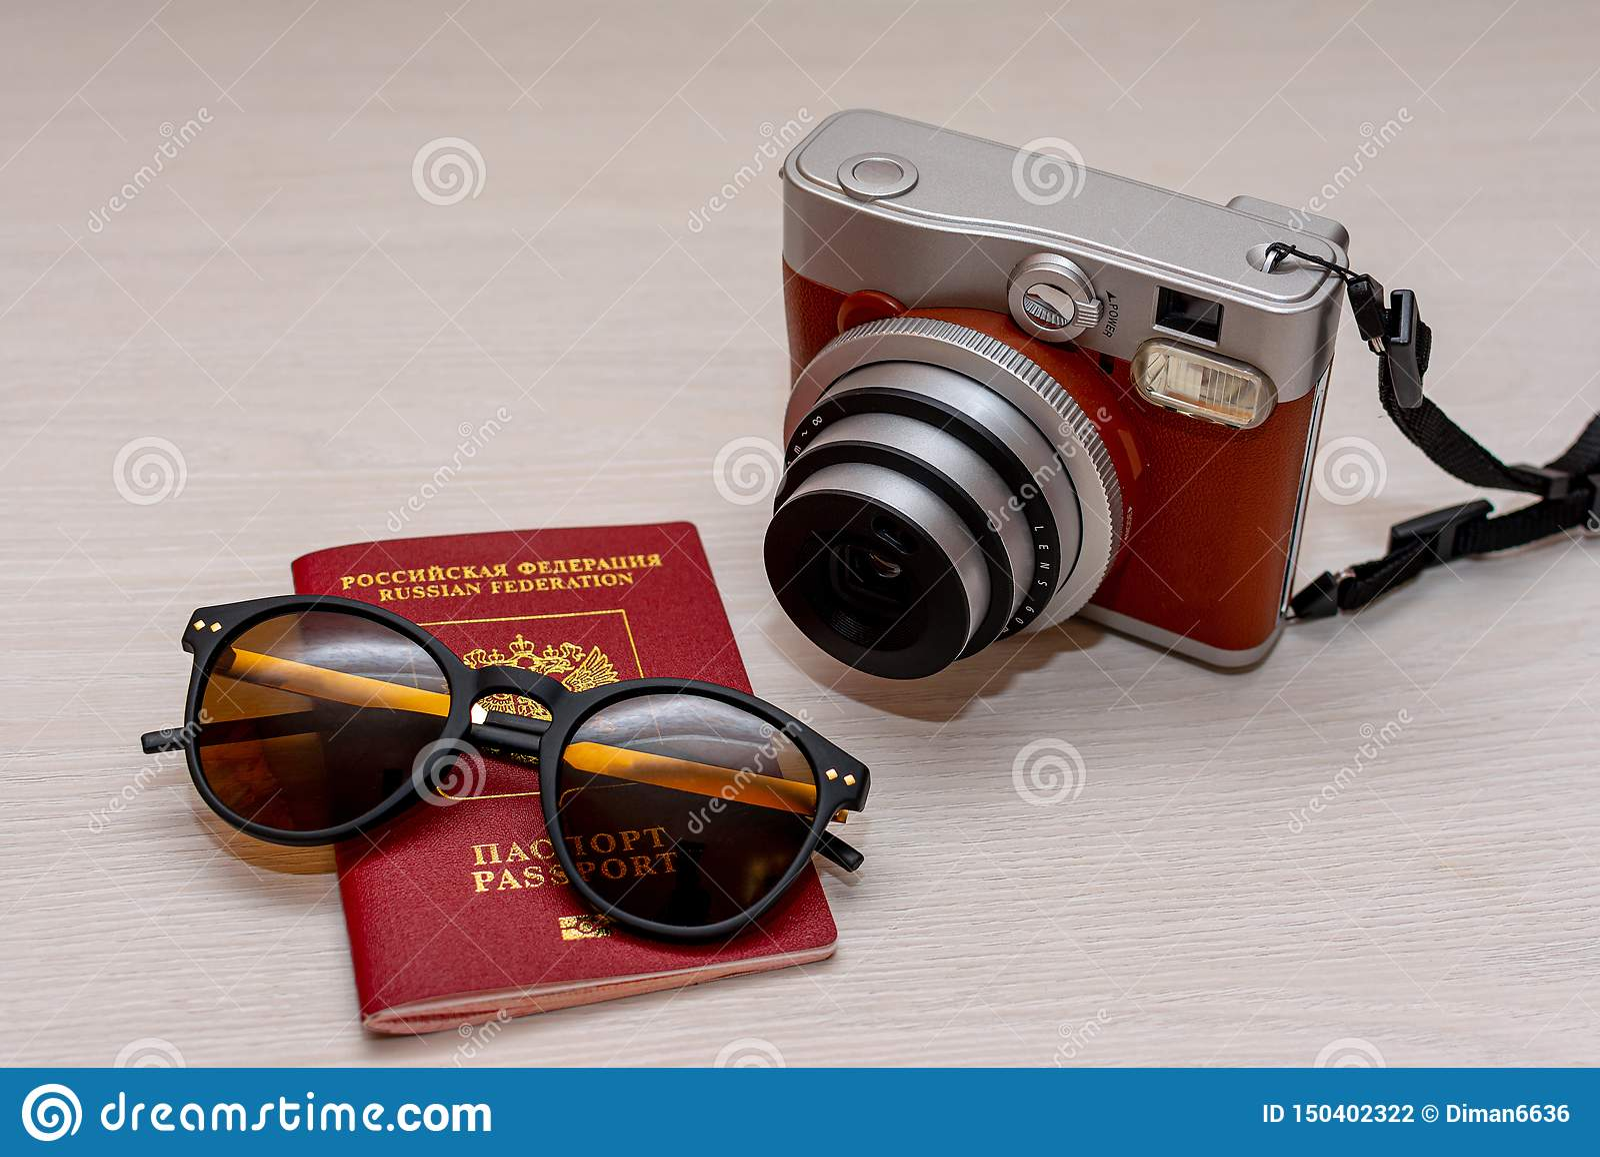 有俄罗斯联邦的公民的护照和一台立即照片照相机的太阳镜在白色木背景